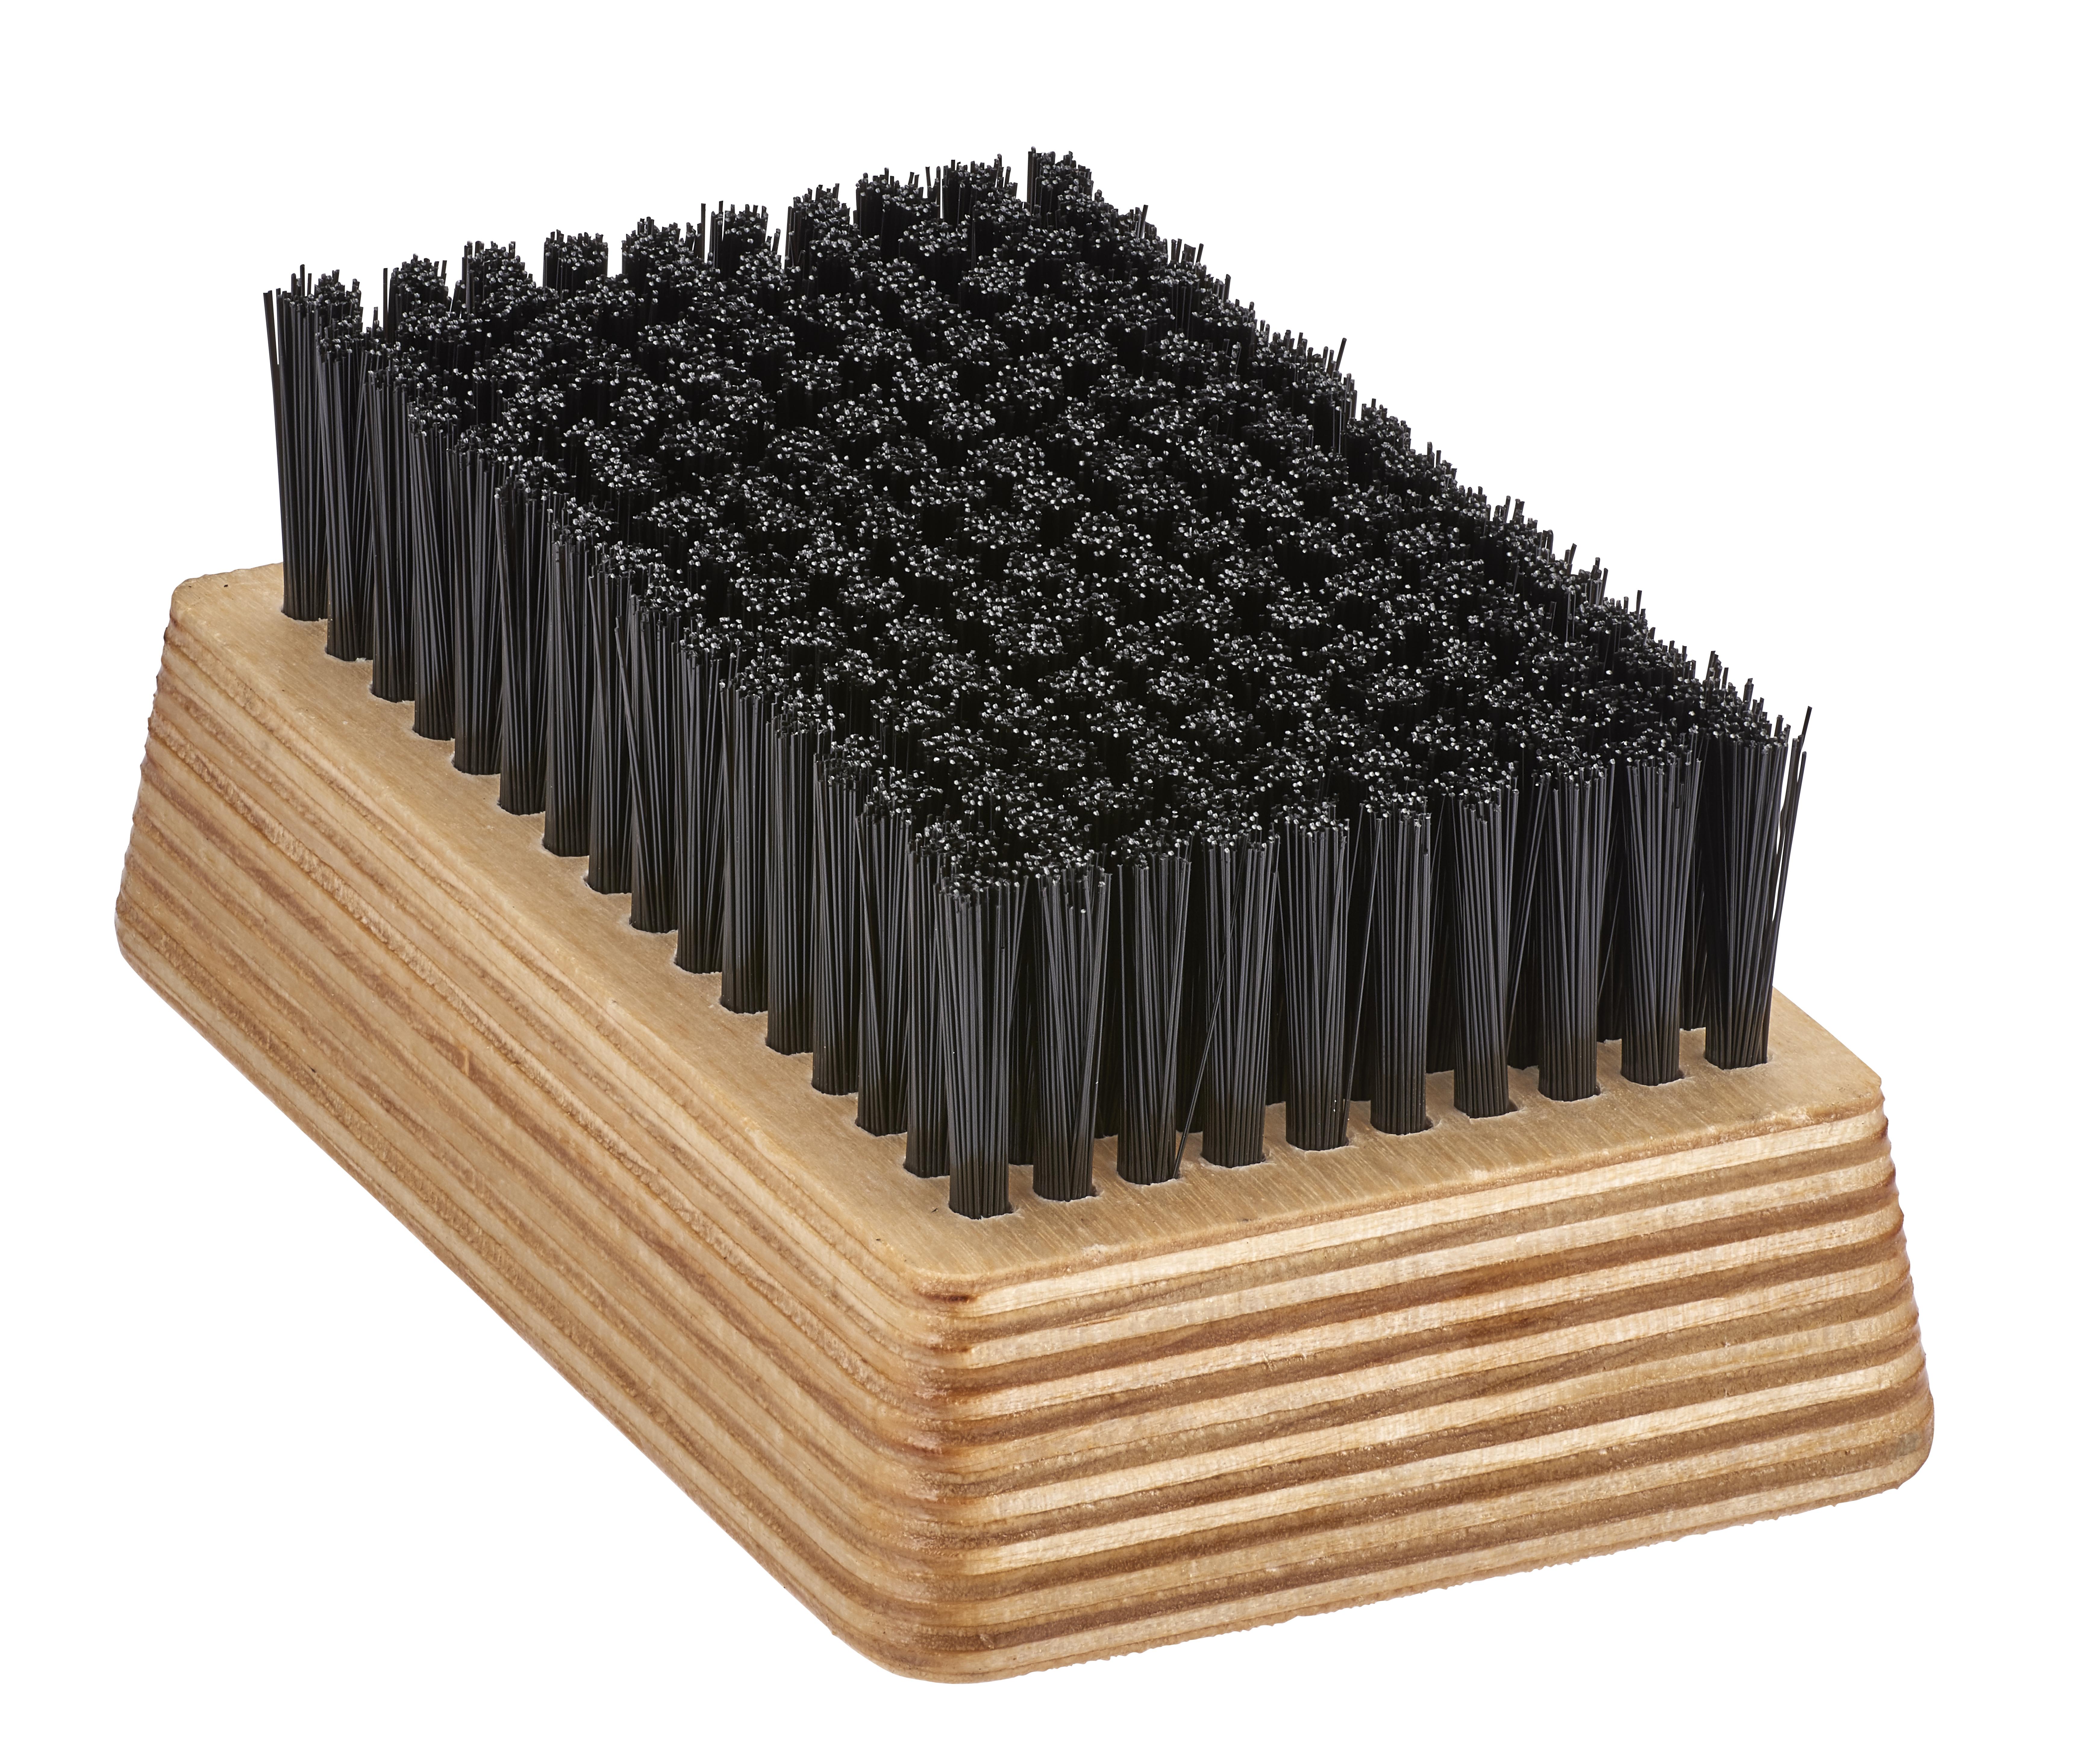 04090 Anilox Brush